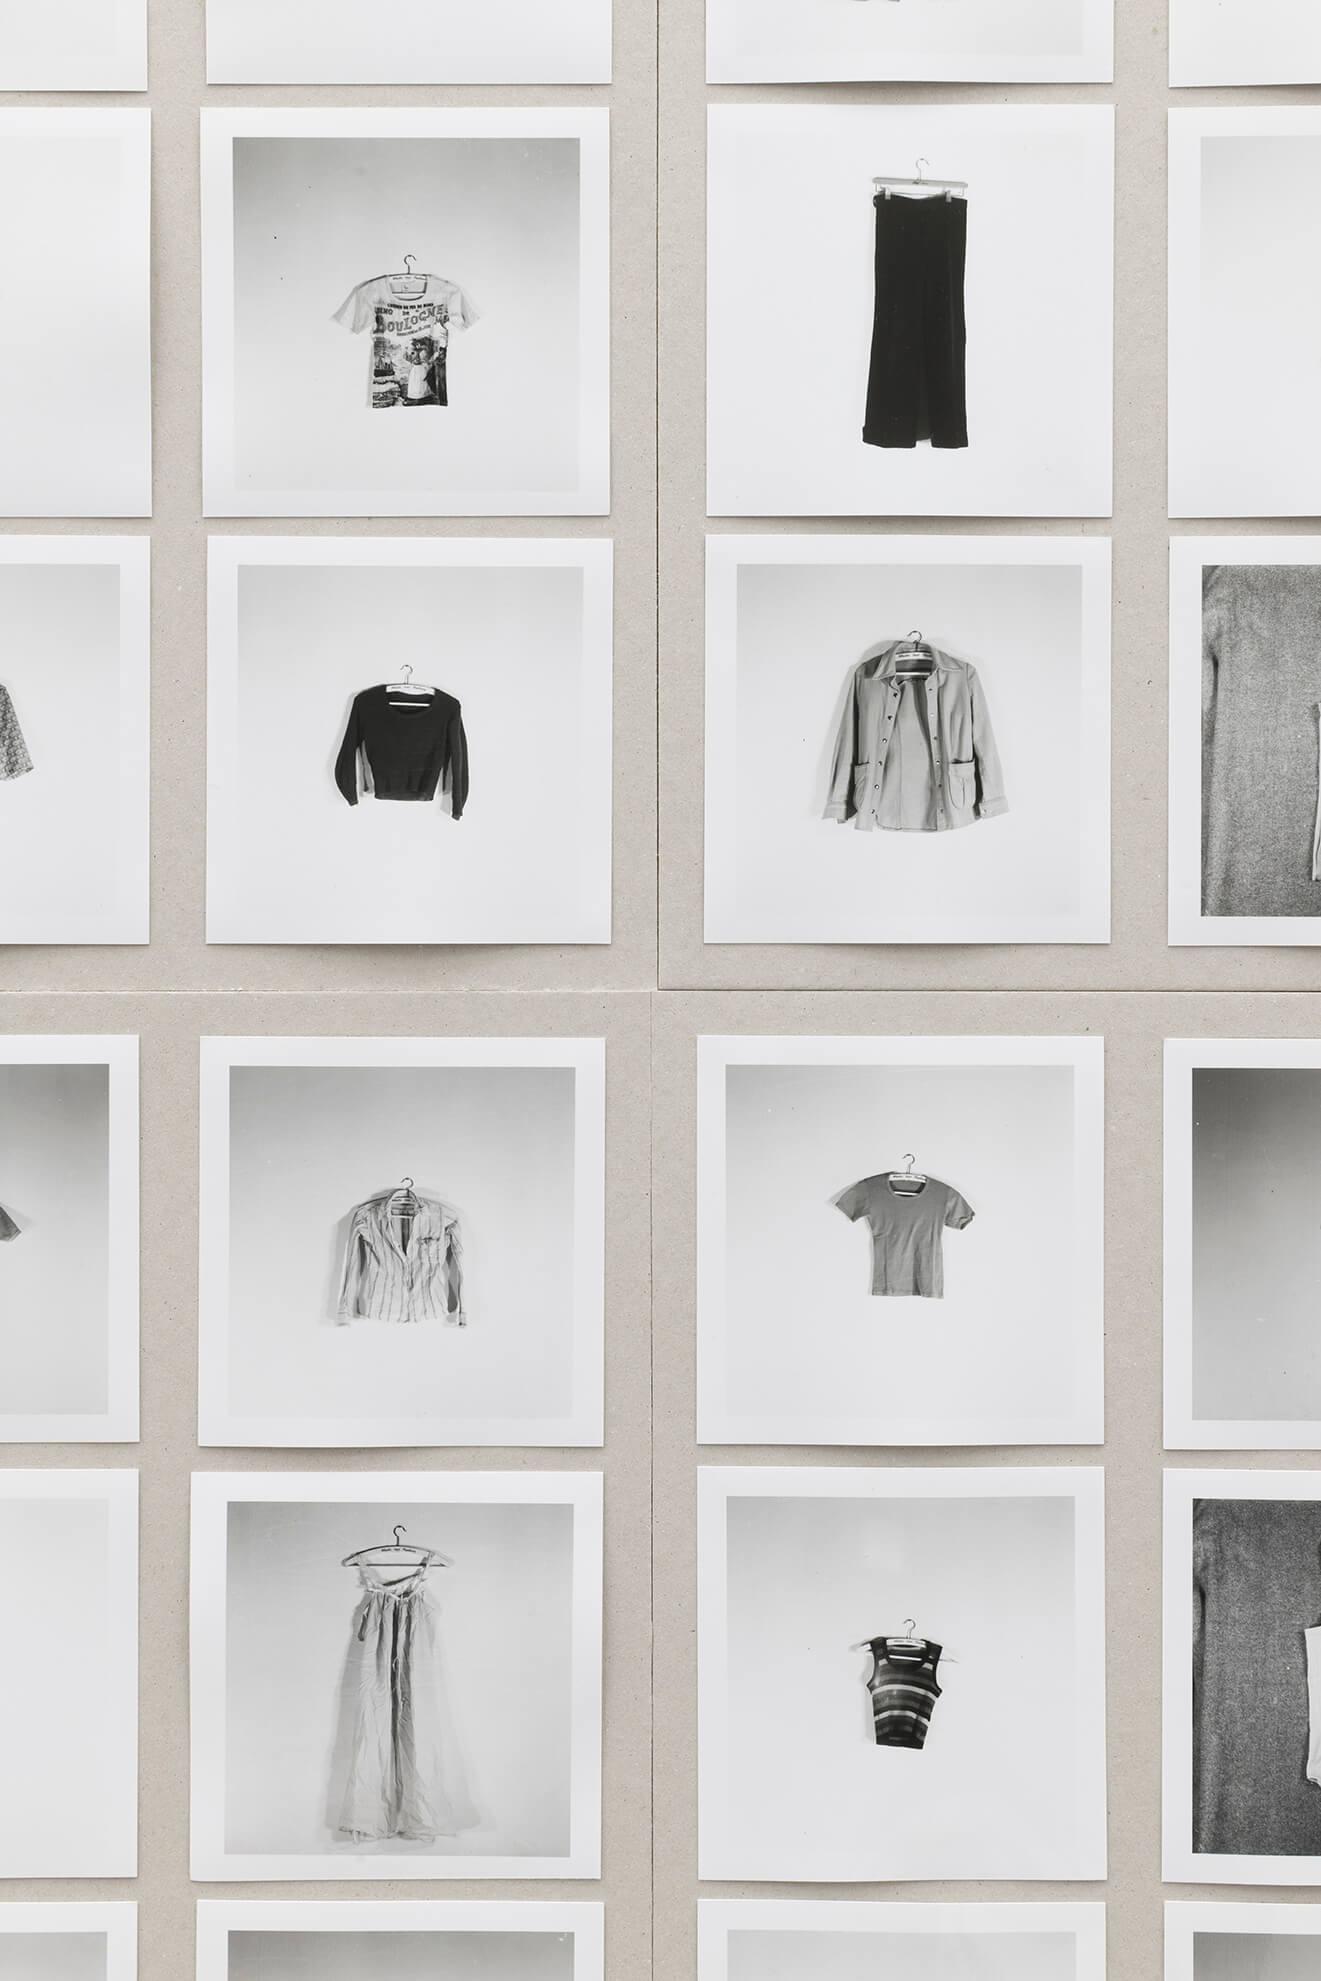 HANS-PETER FELDMANN. All the Clothes of a Woman, 1975. (Detail) | Ella té molts noms / Ella tiene muchos nombres / She has many names | ProjecteSD